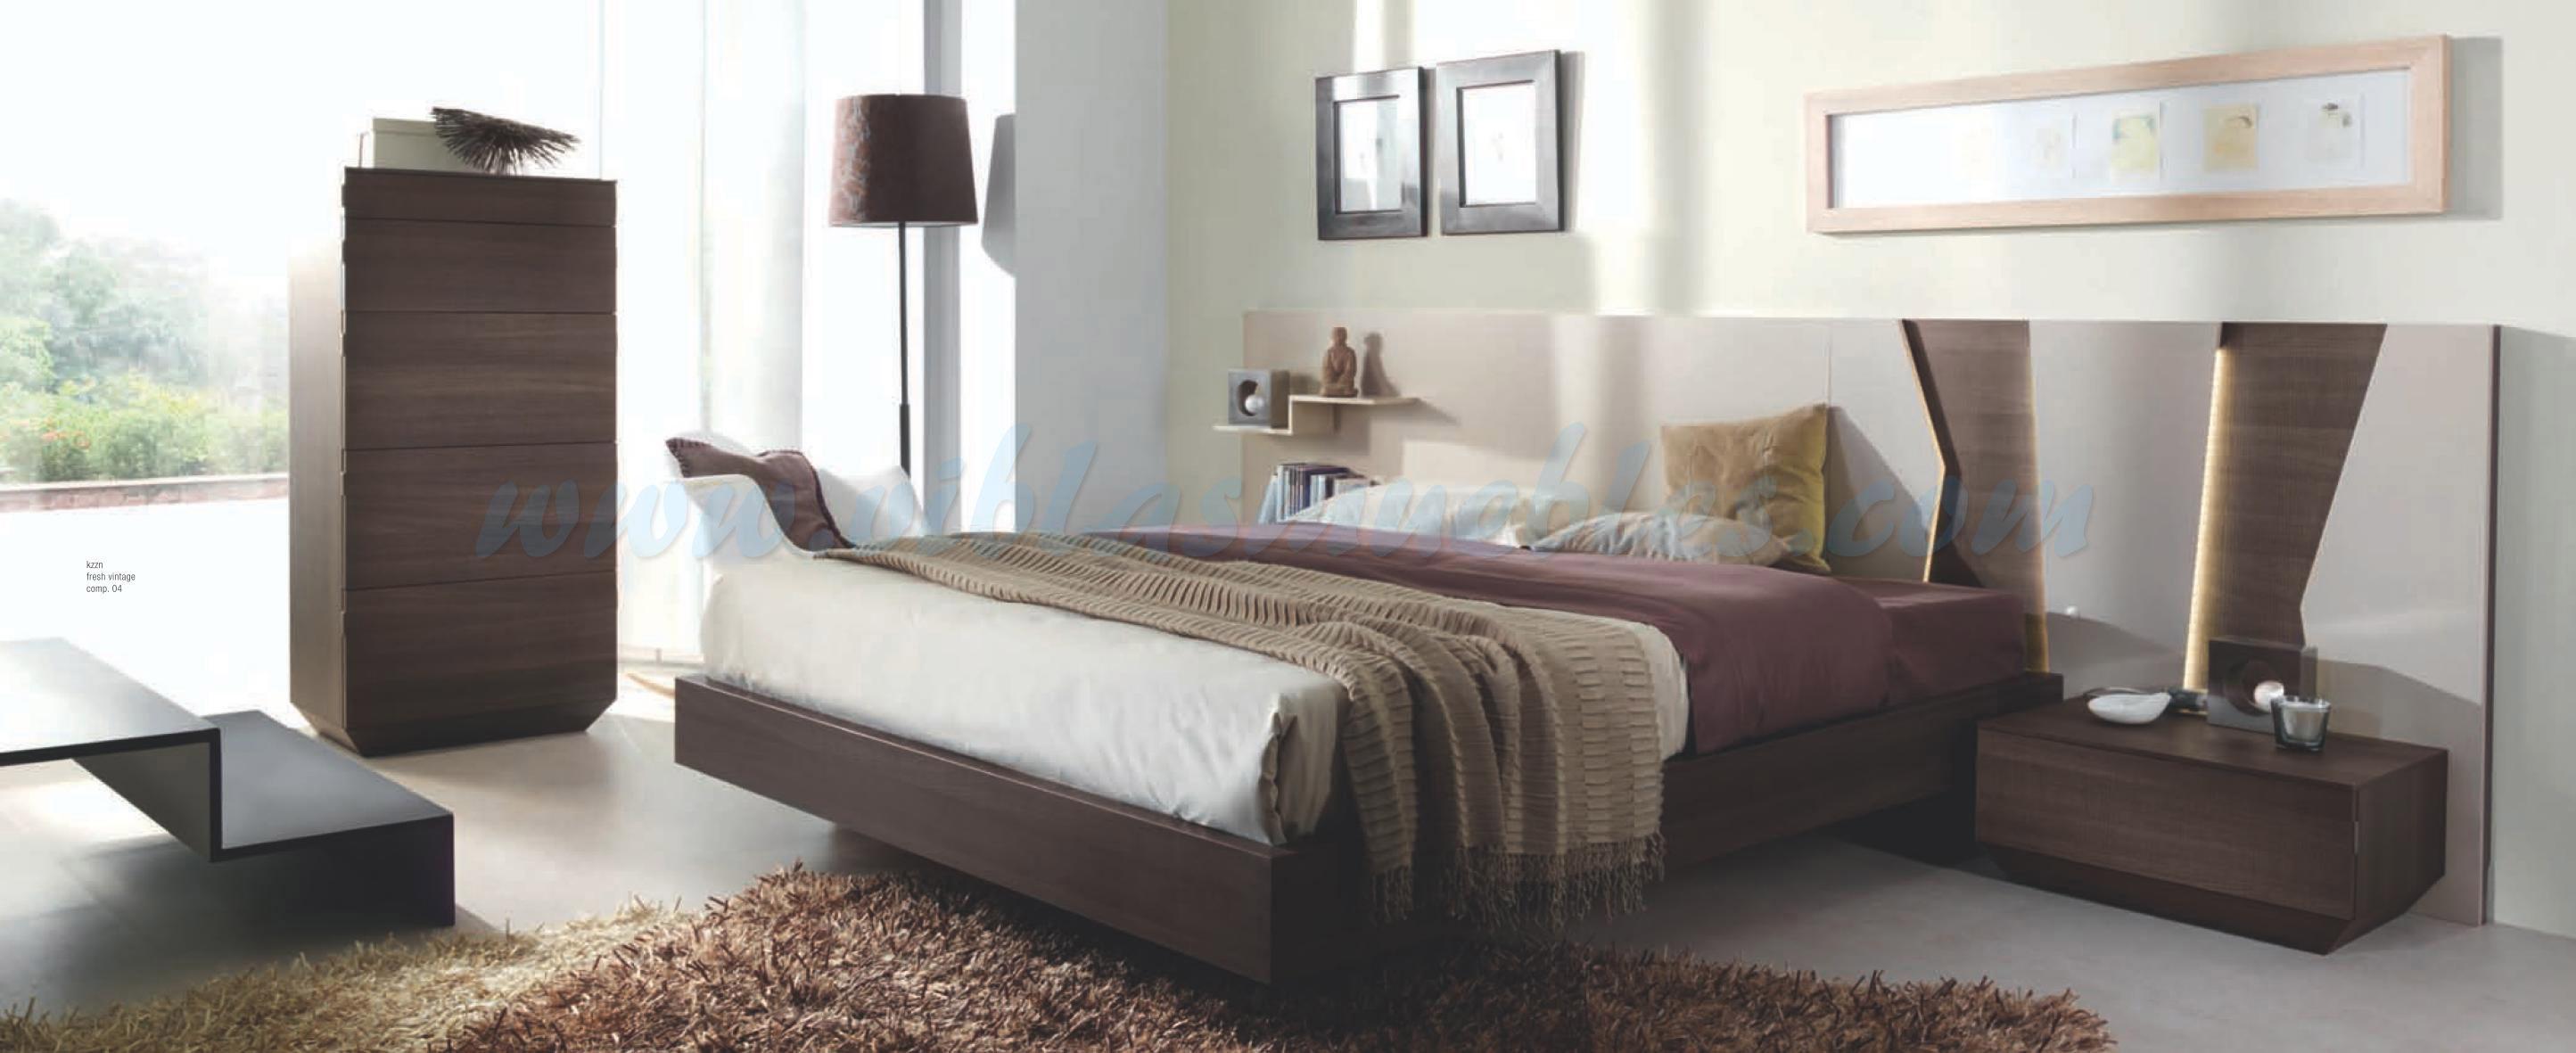 Dormitorio Matrimonio Muebles Viblas Tienda En Valencia Mueble  ~ Dormitorios De Matrimonio Con Canape